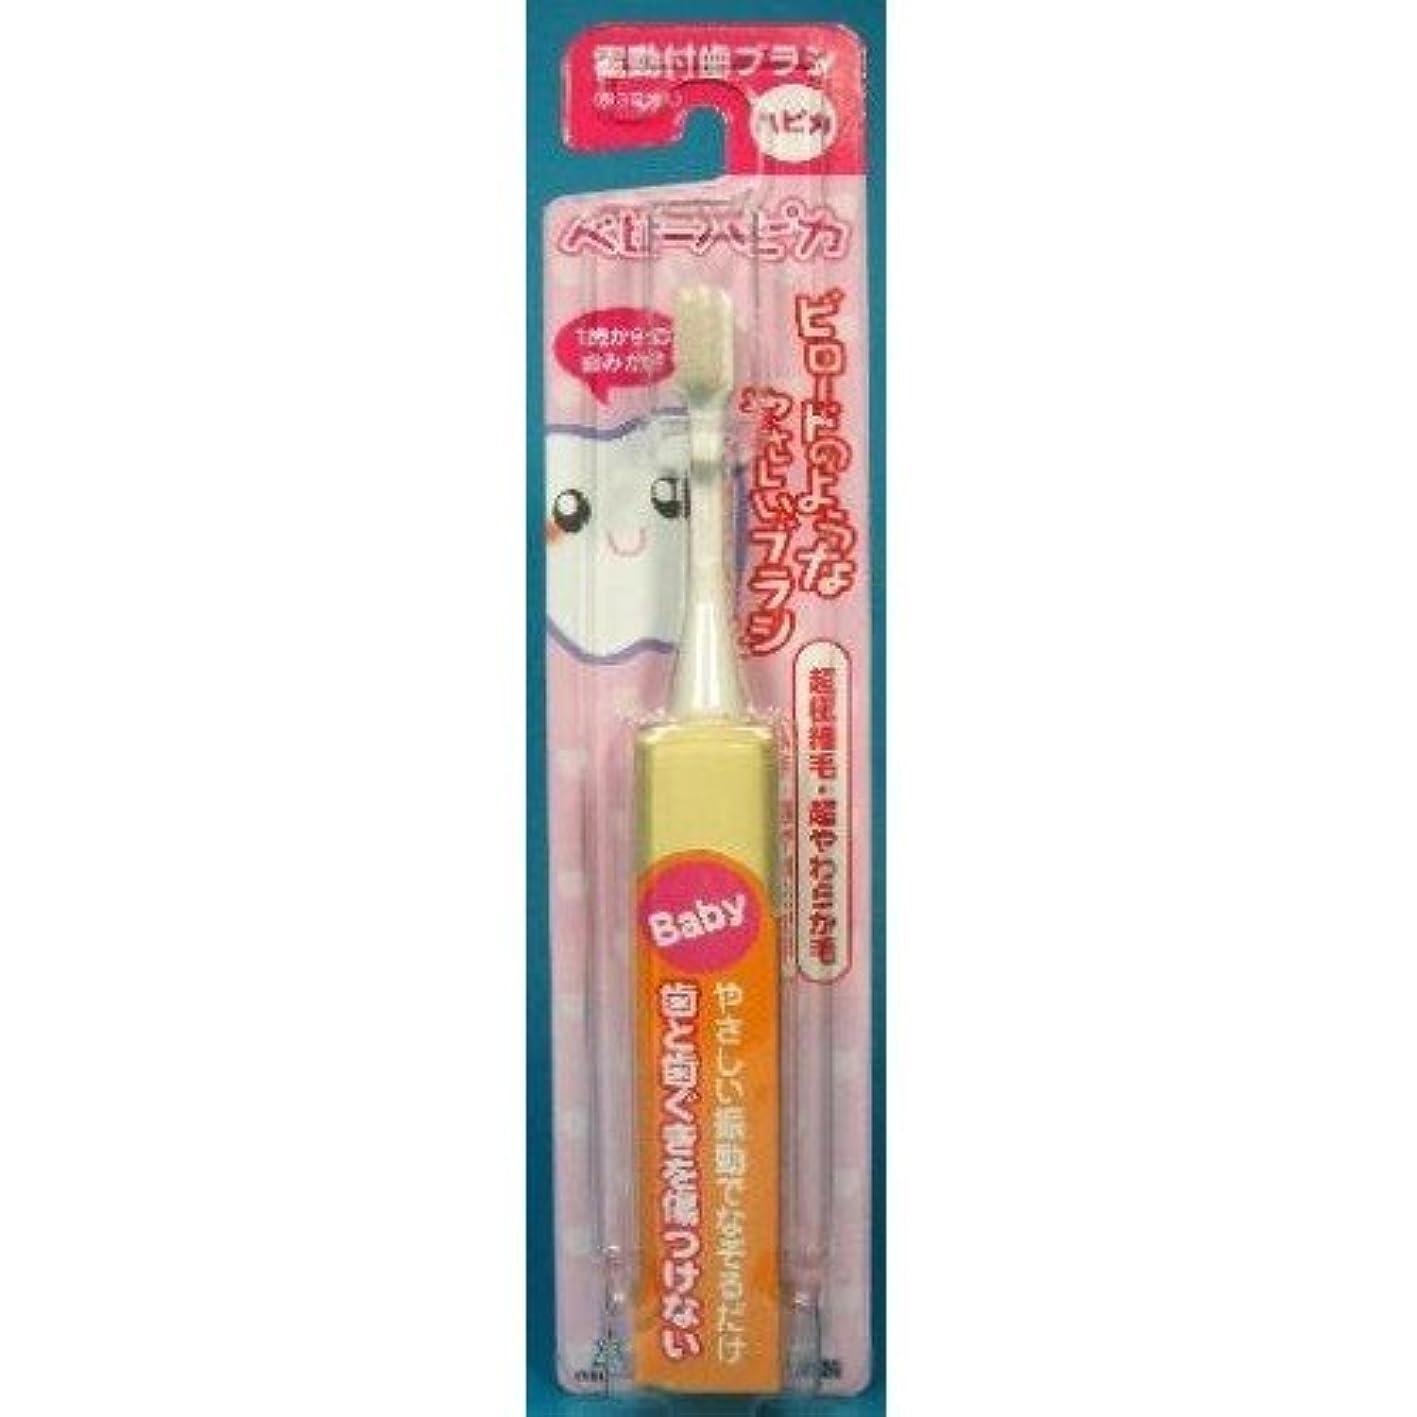 本想像する事実ミニマム 電動付歯ブラシ ベビーハピカ イエロー 毛の硬さ:超やわらかめ DBB-1Y(BP)